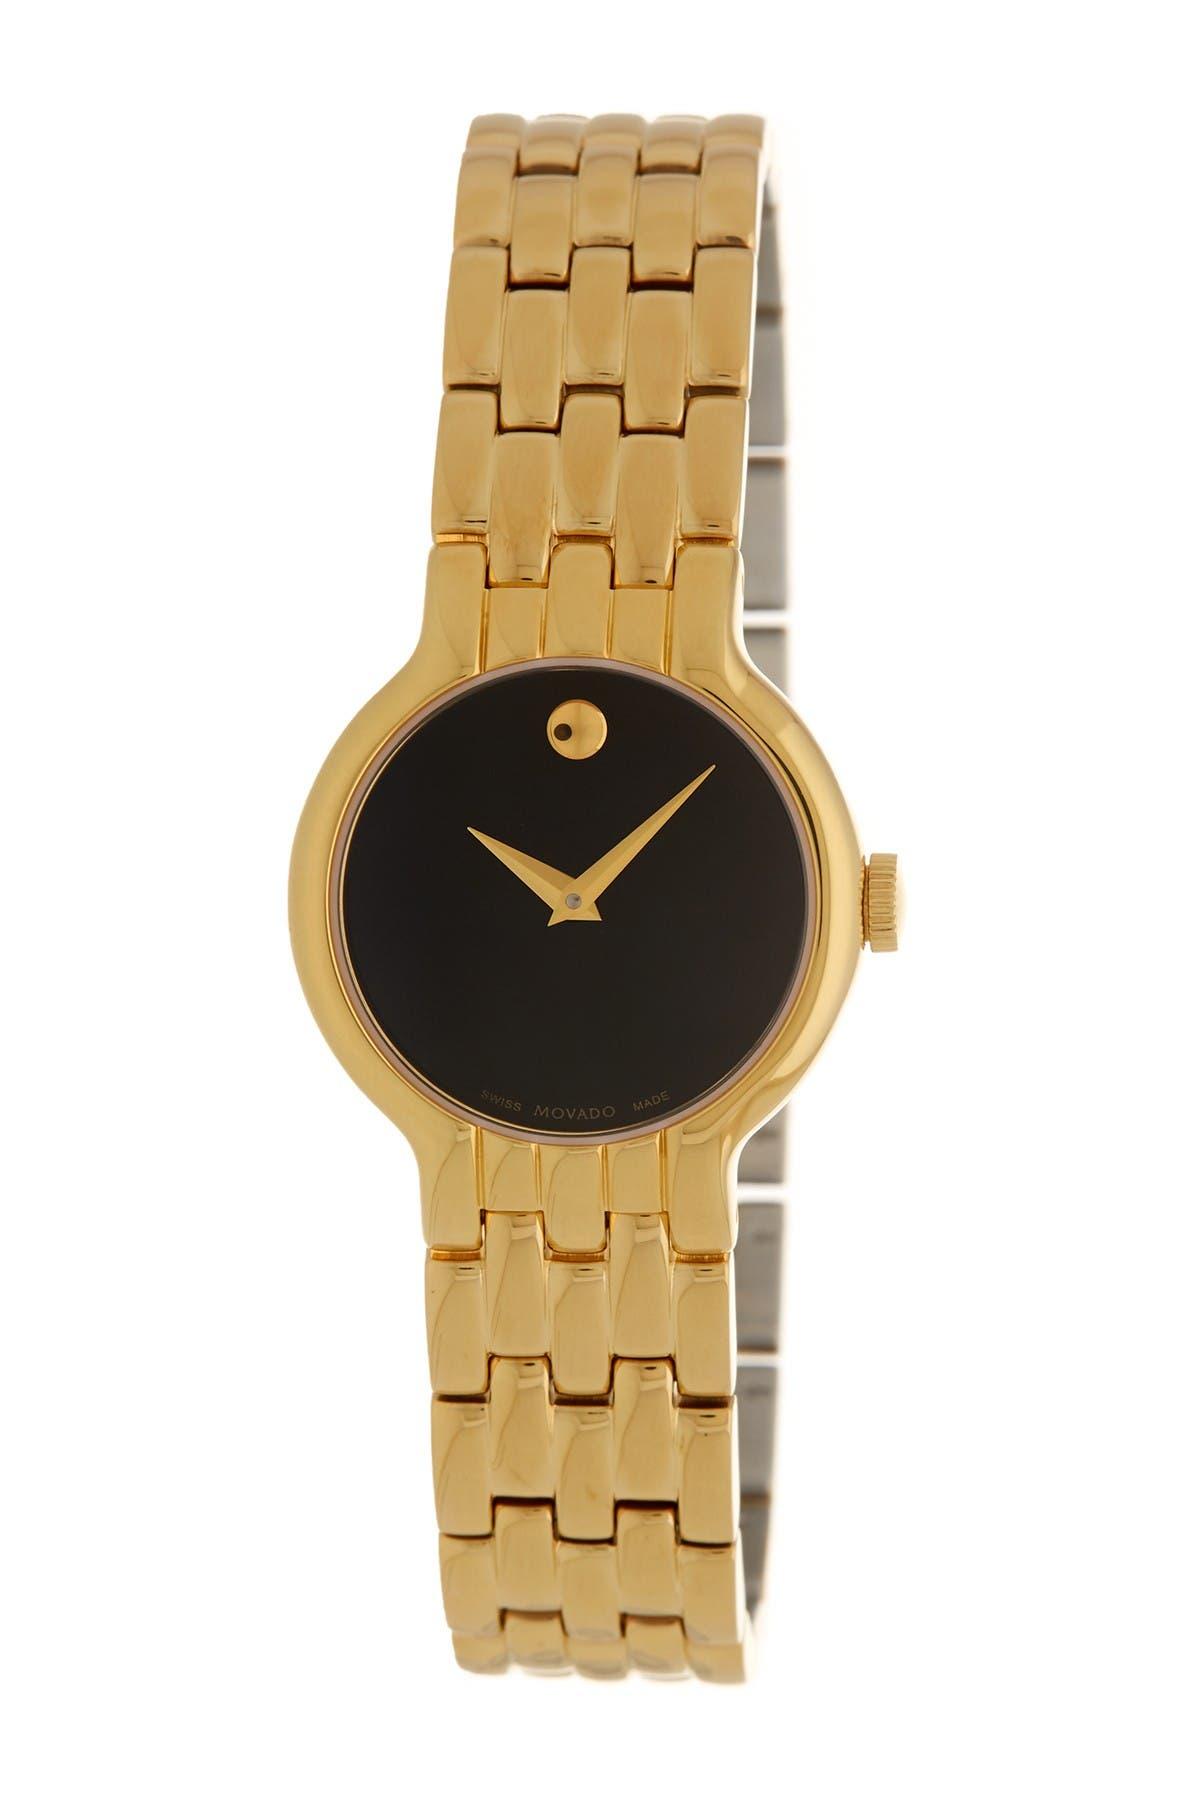 Image of Movado Women's Vetur Bracelet Watch, 26mm